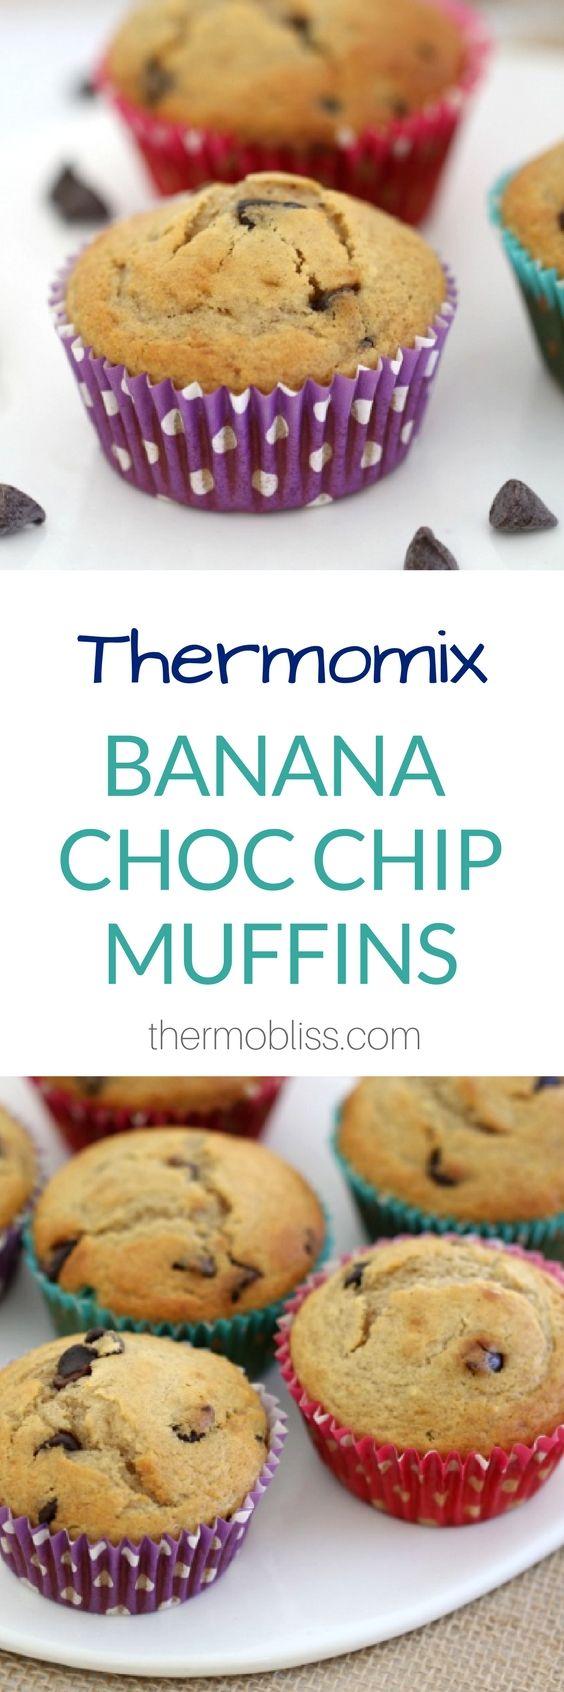 Thermomix Banana Choc Chip Muffin Recipe